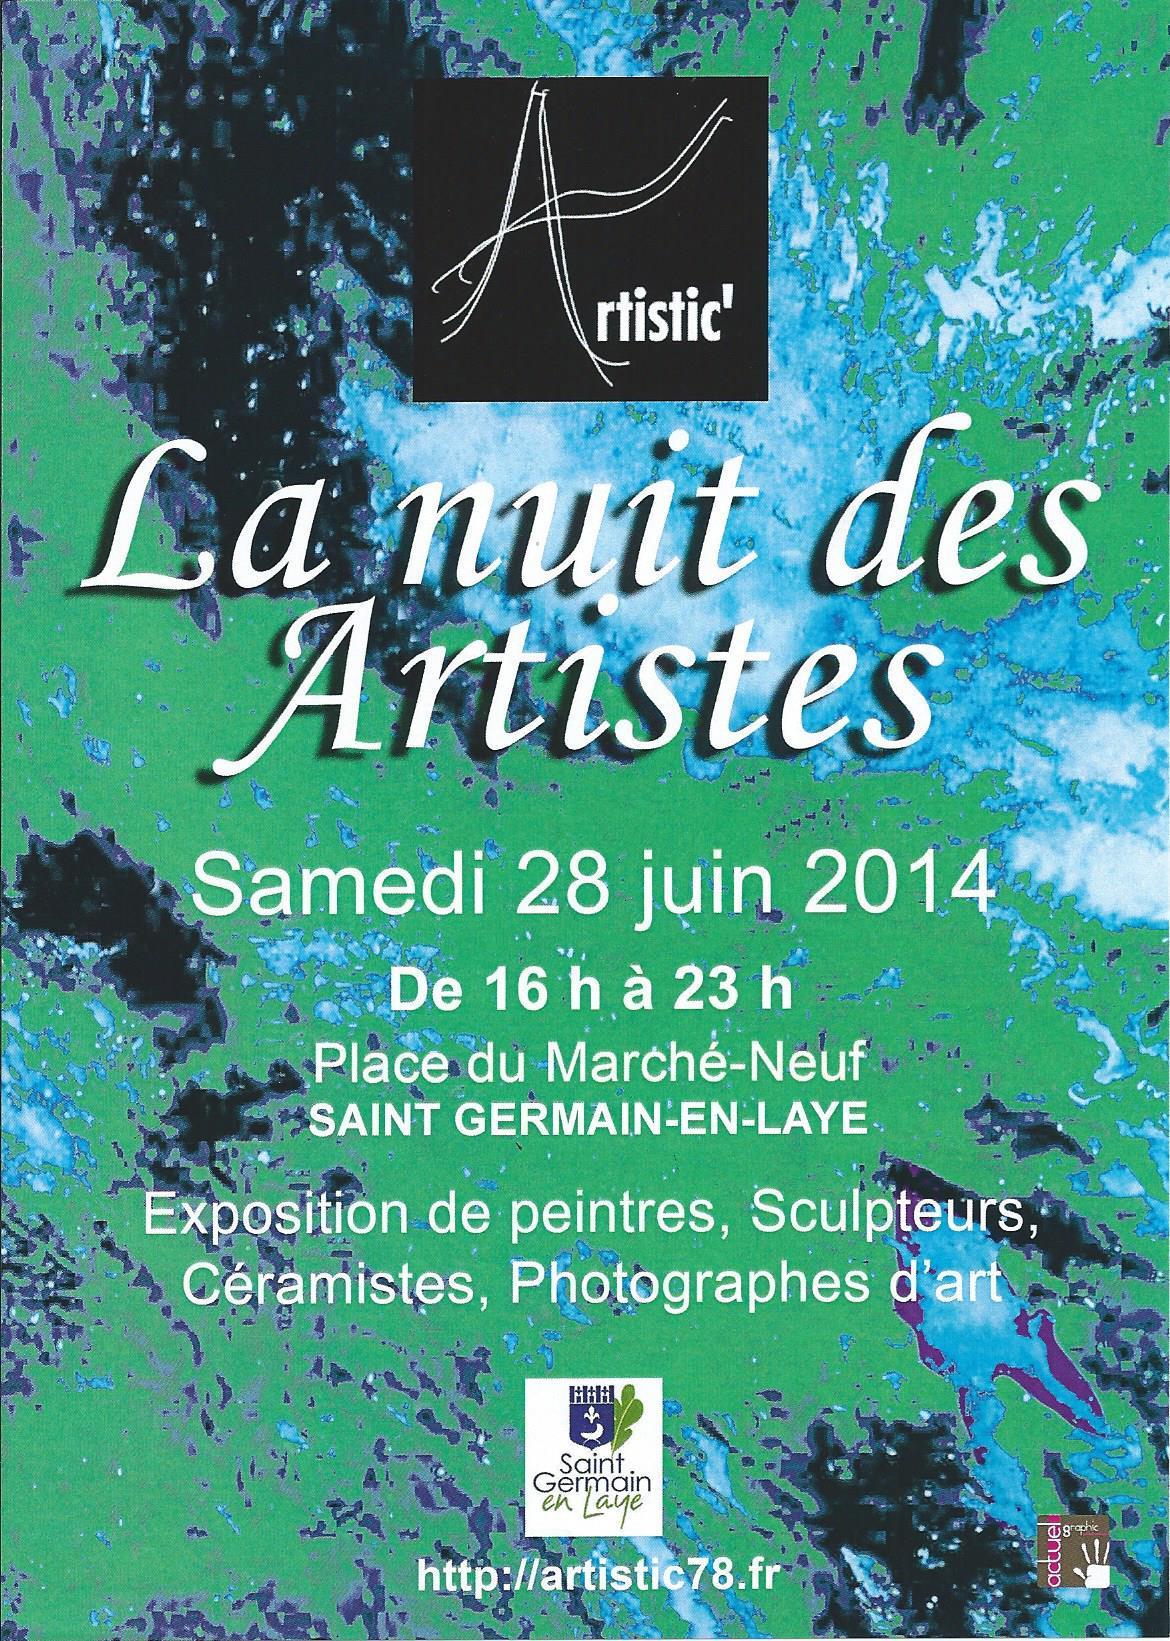 Actualité de Pascale Gillard La Nuit des Artistes à St-Germain-en-Laye